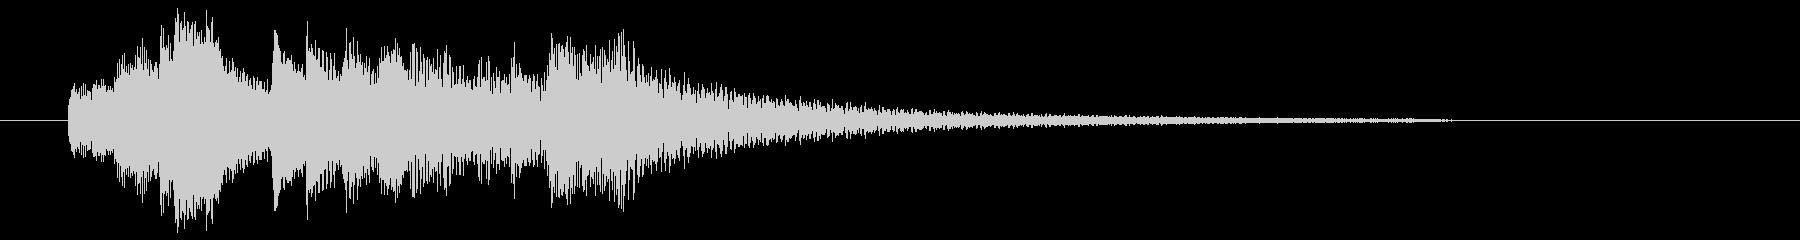 優しく美しいピアノの音色でジングル、ロゴの未再生の波形